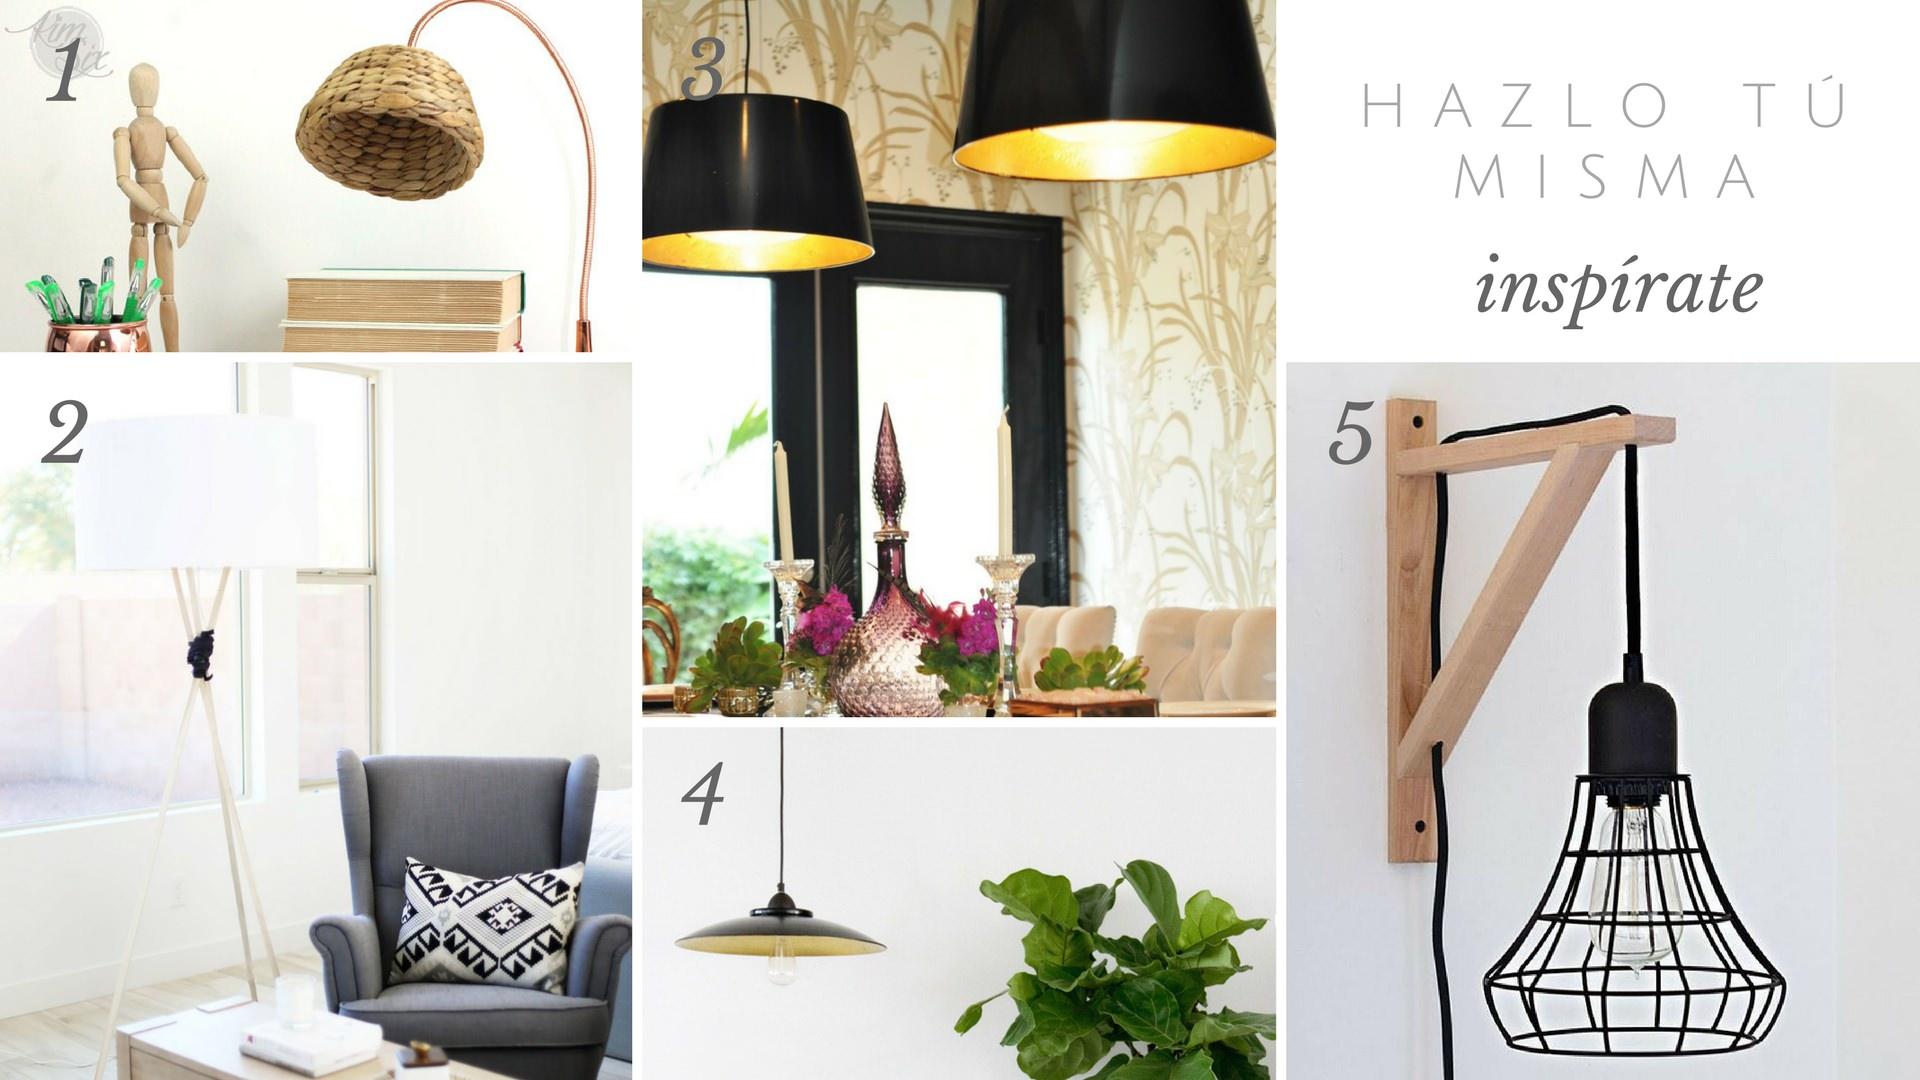 5 Ikea Hacks Para Hacer Tus Propias L Mparas El Pais De Sarah # Hackeando Muebles De Ikea